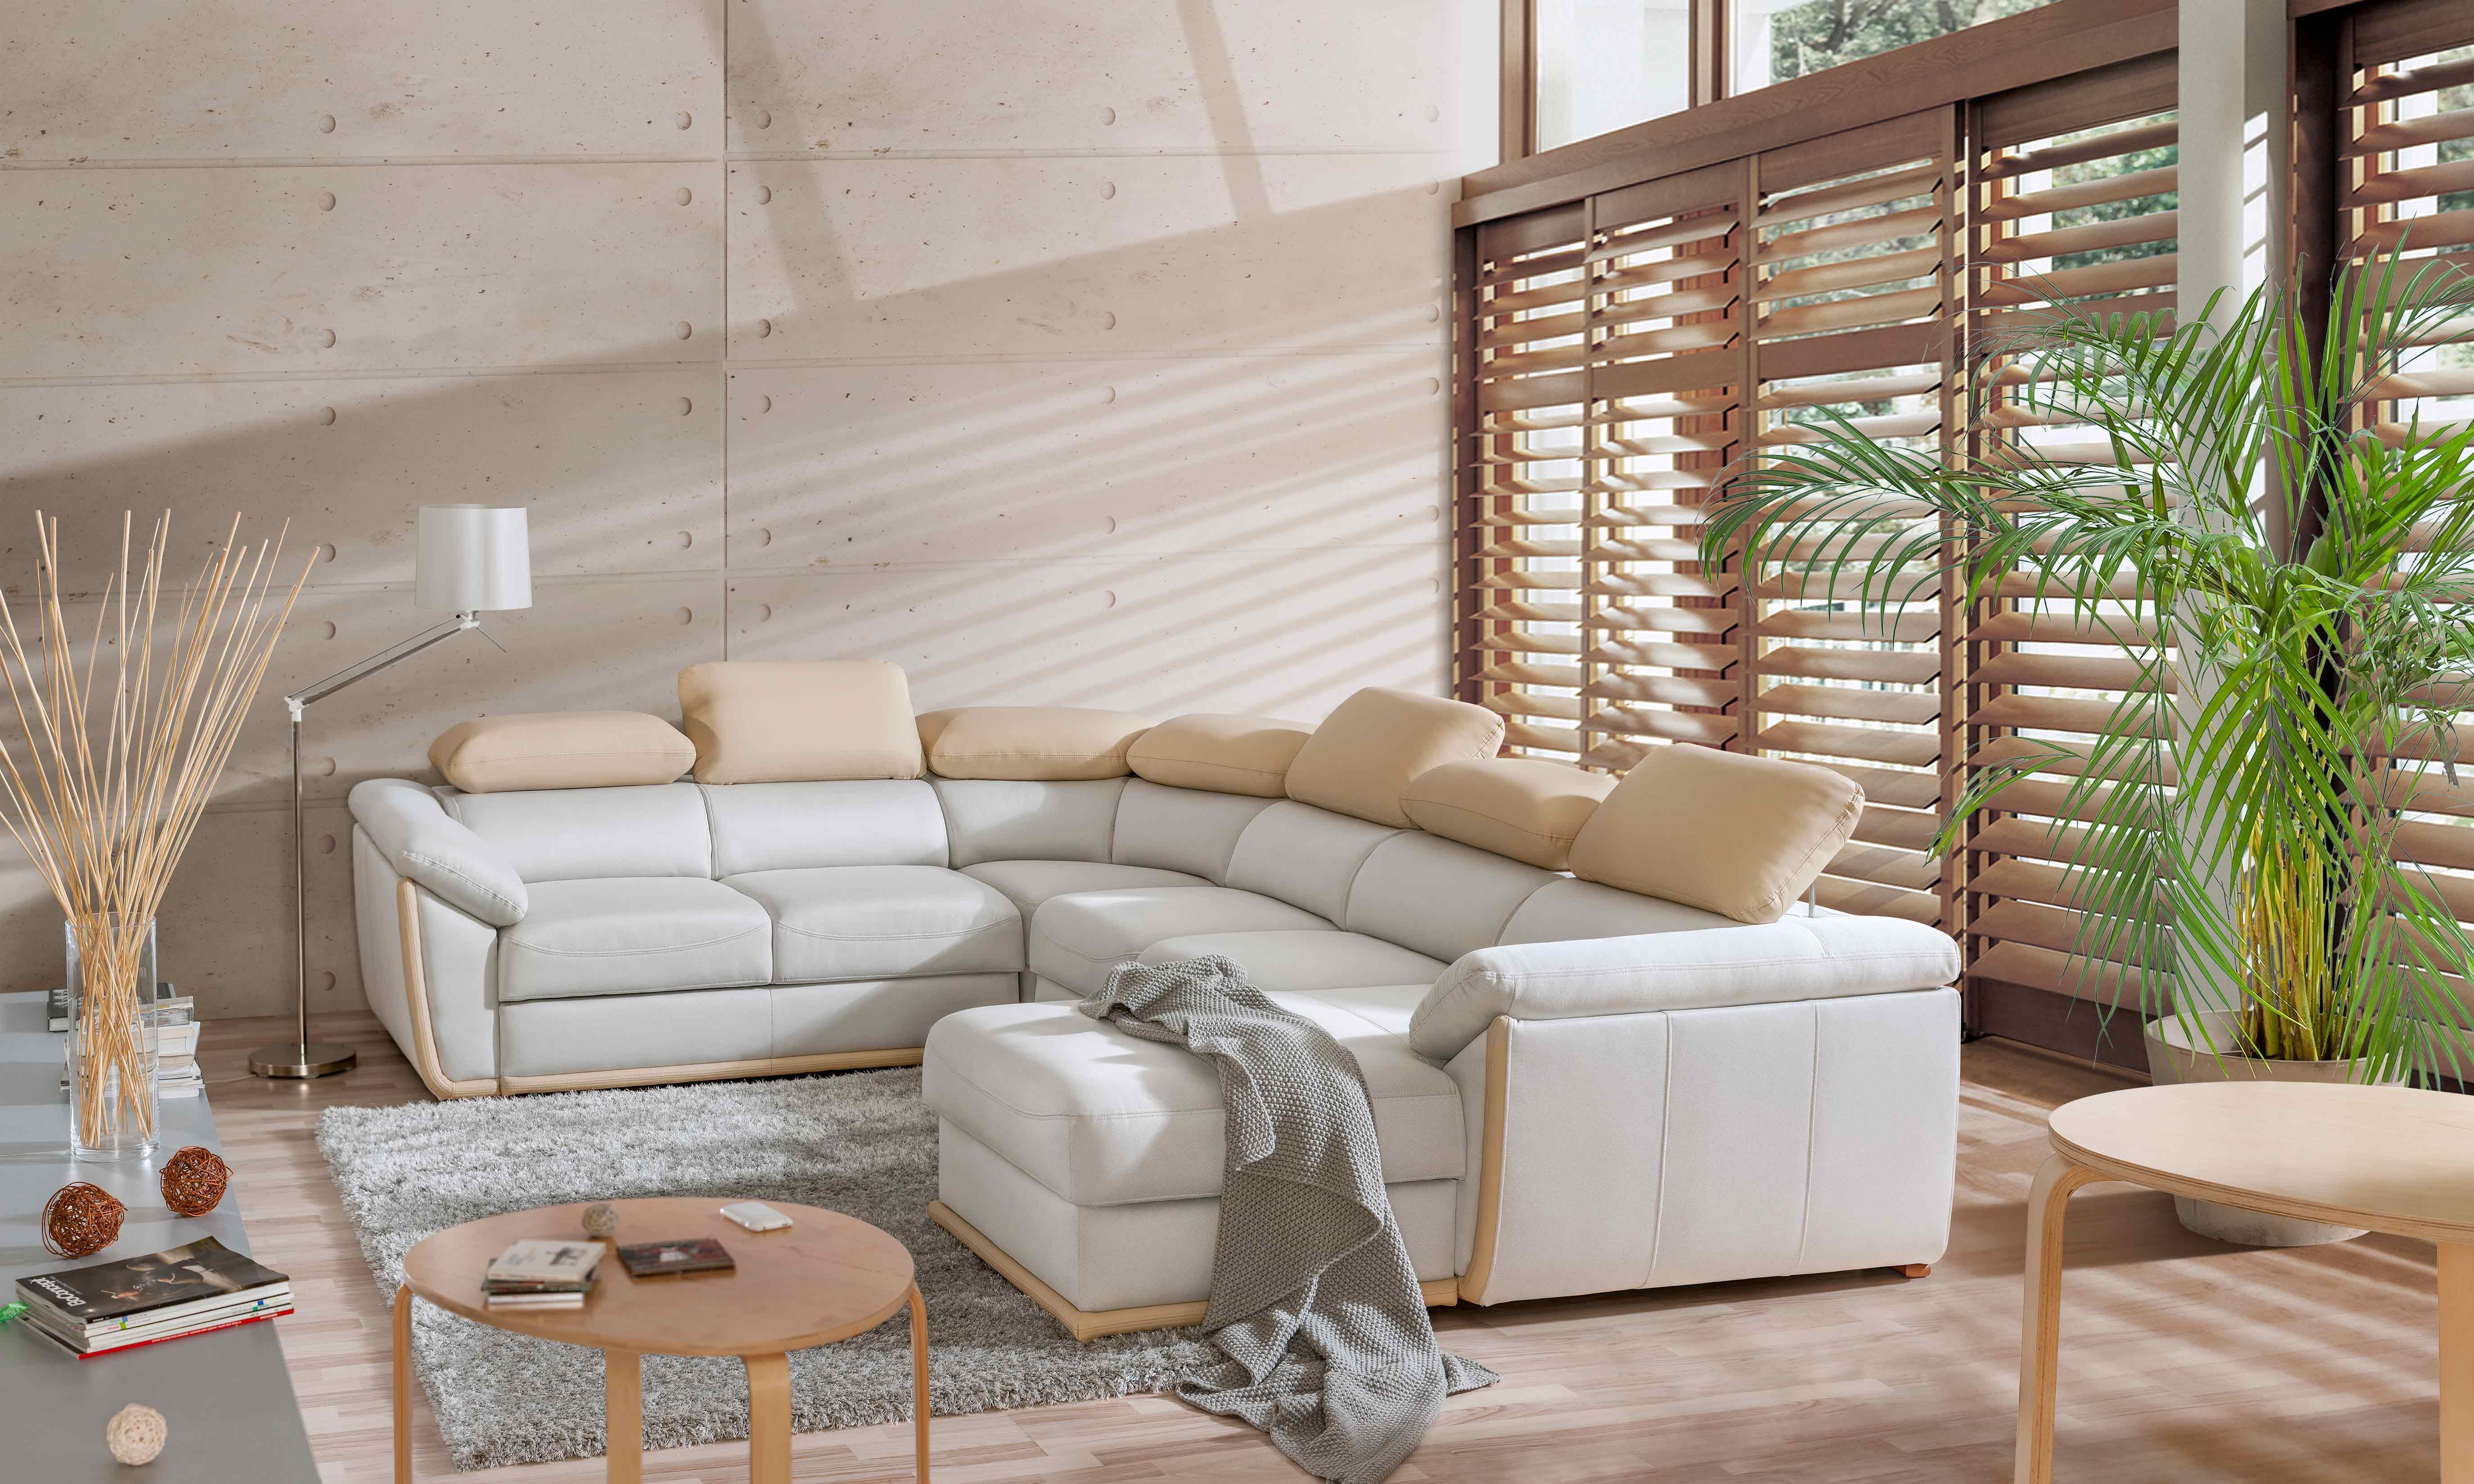 Obývačka s bielou sedacou súpravou do U s nastaviteľnými opierkami